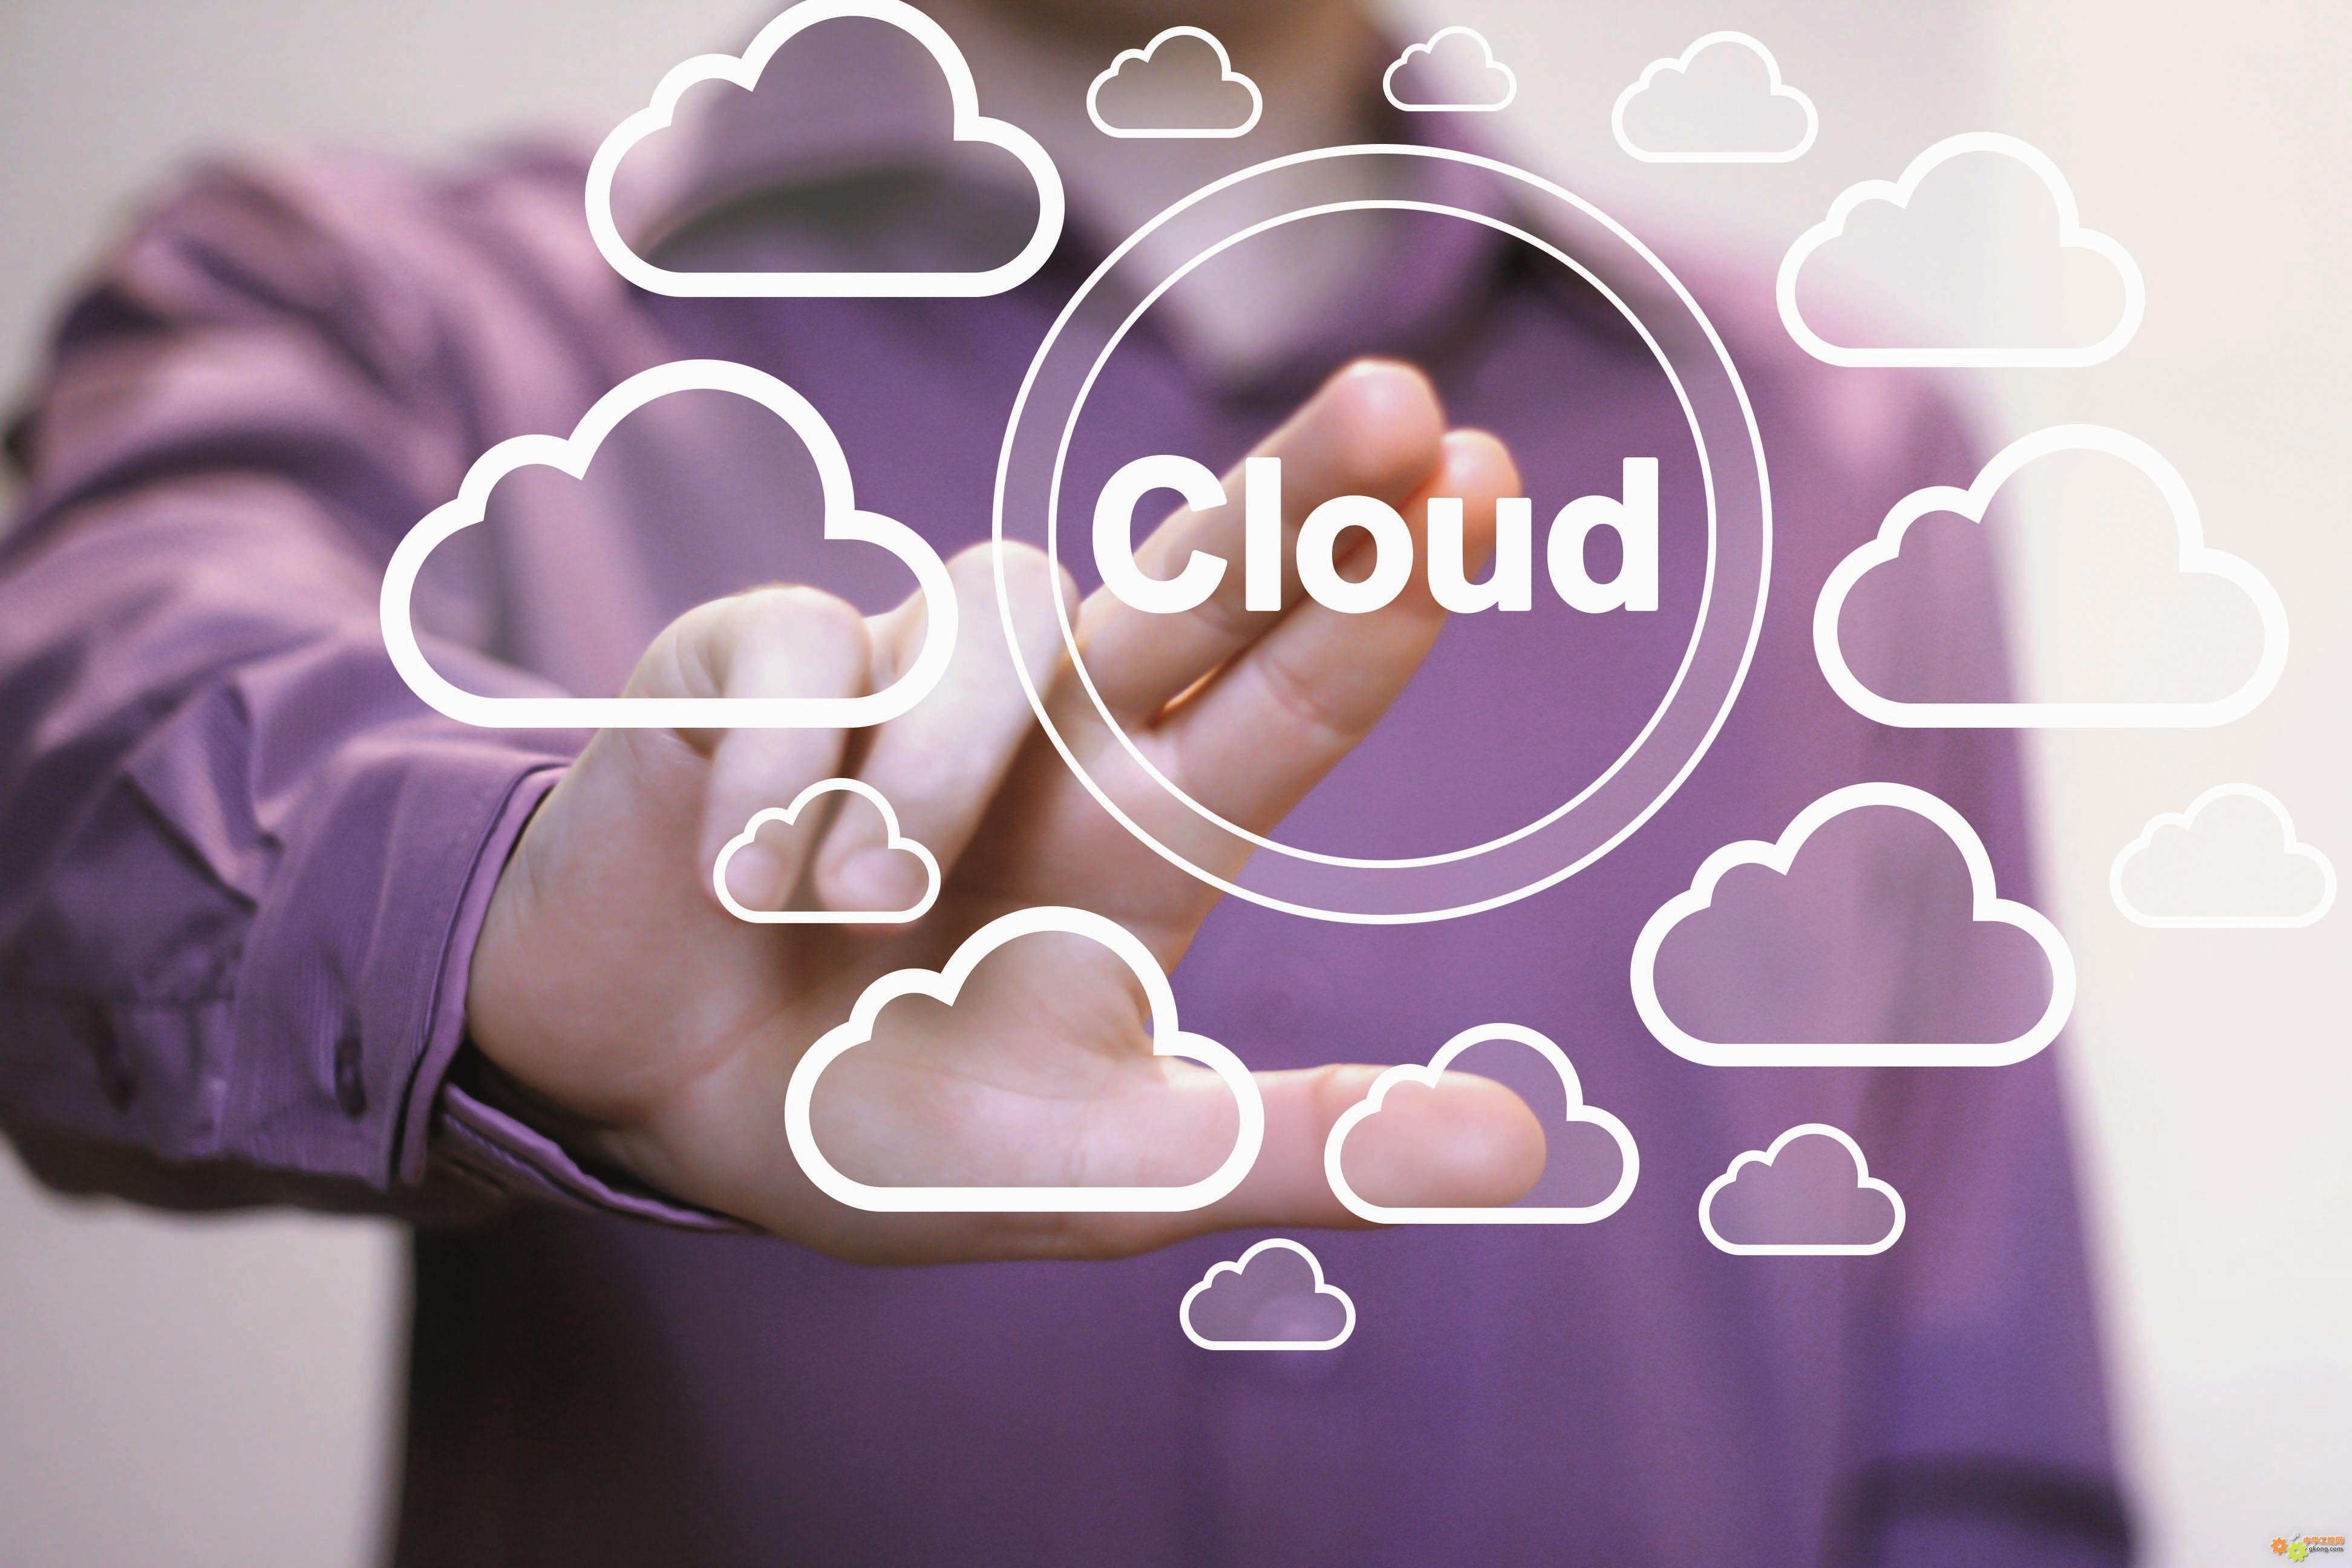 建立网站用云服务器方便吗?